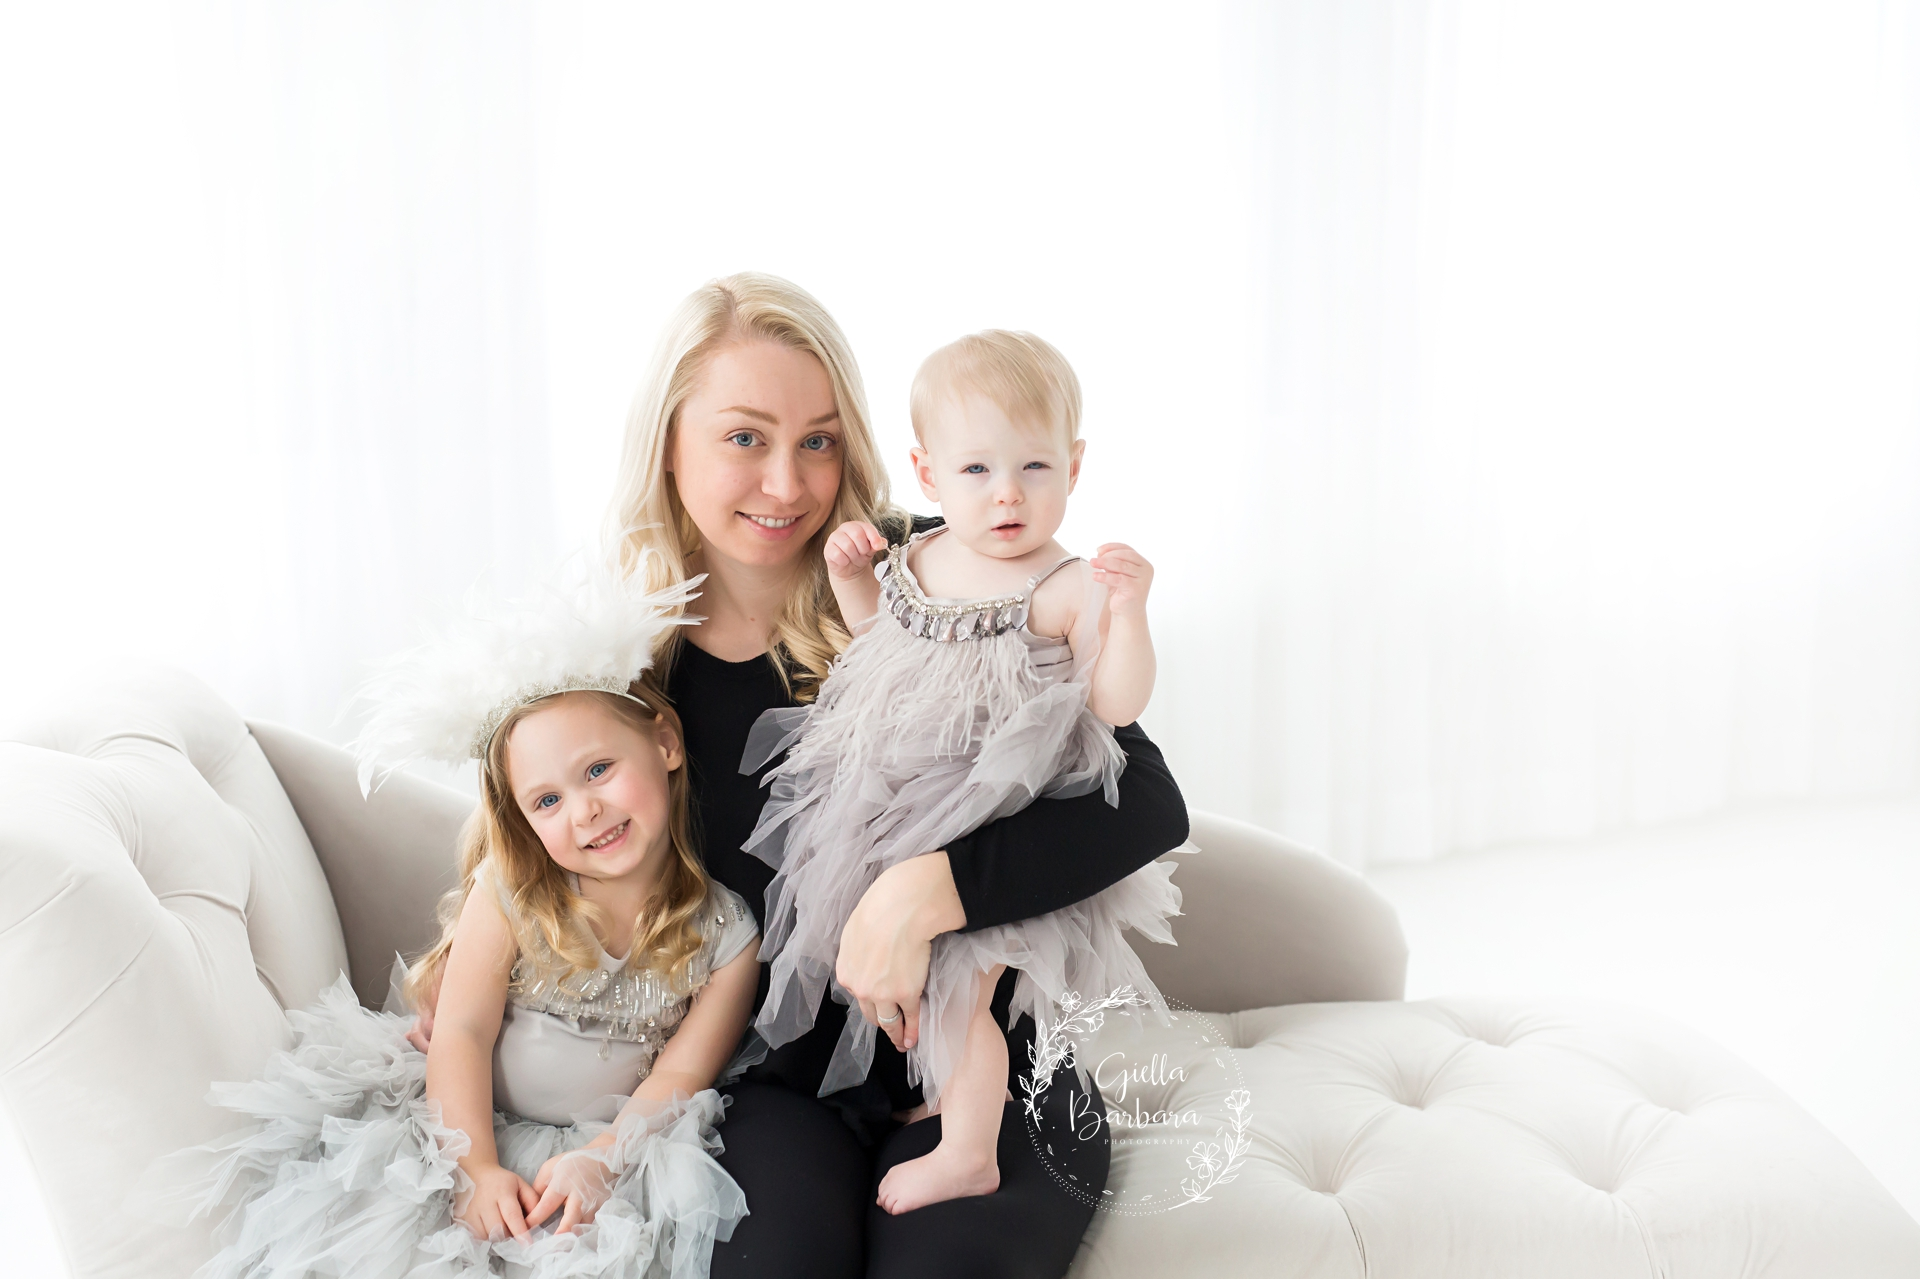 Mommy's little girls